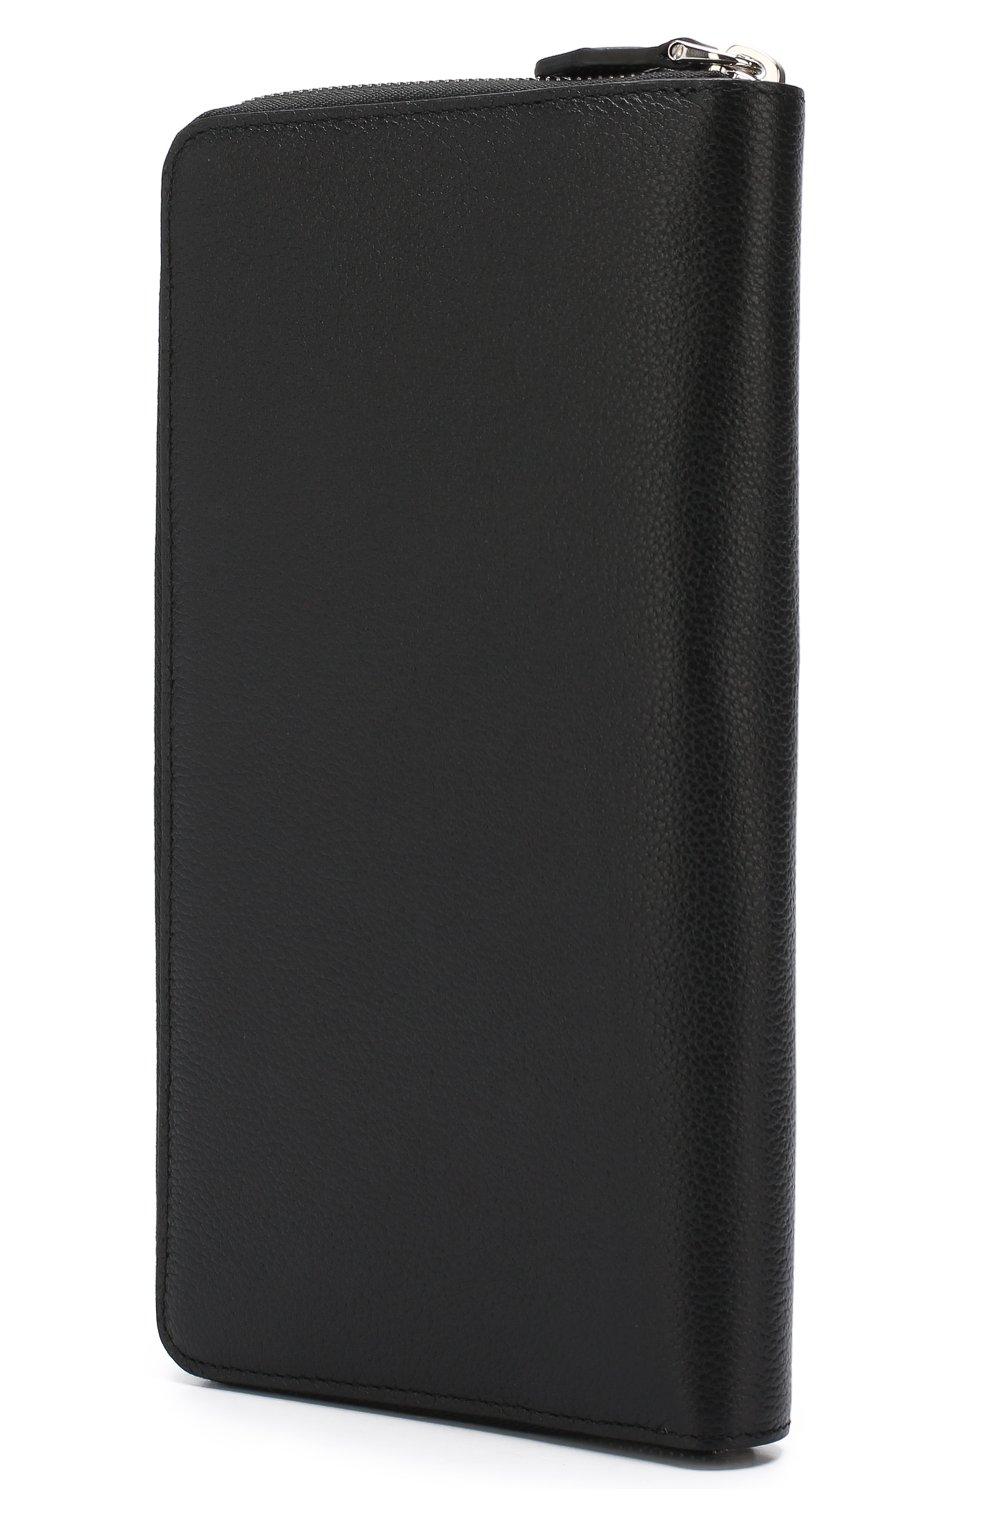 Кожаный футляр для документов на молнии с отделениями для кредитных карт   Фото №2